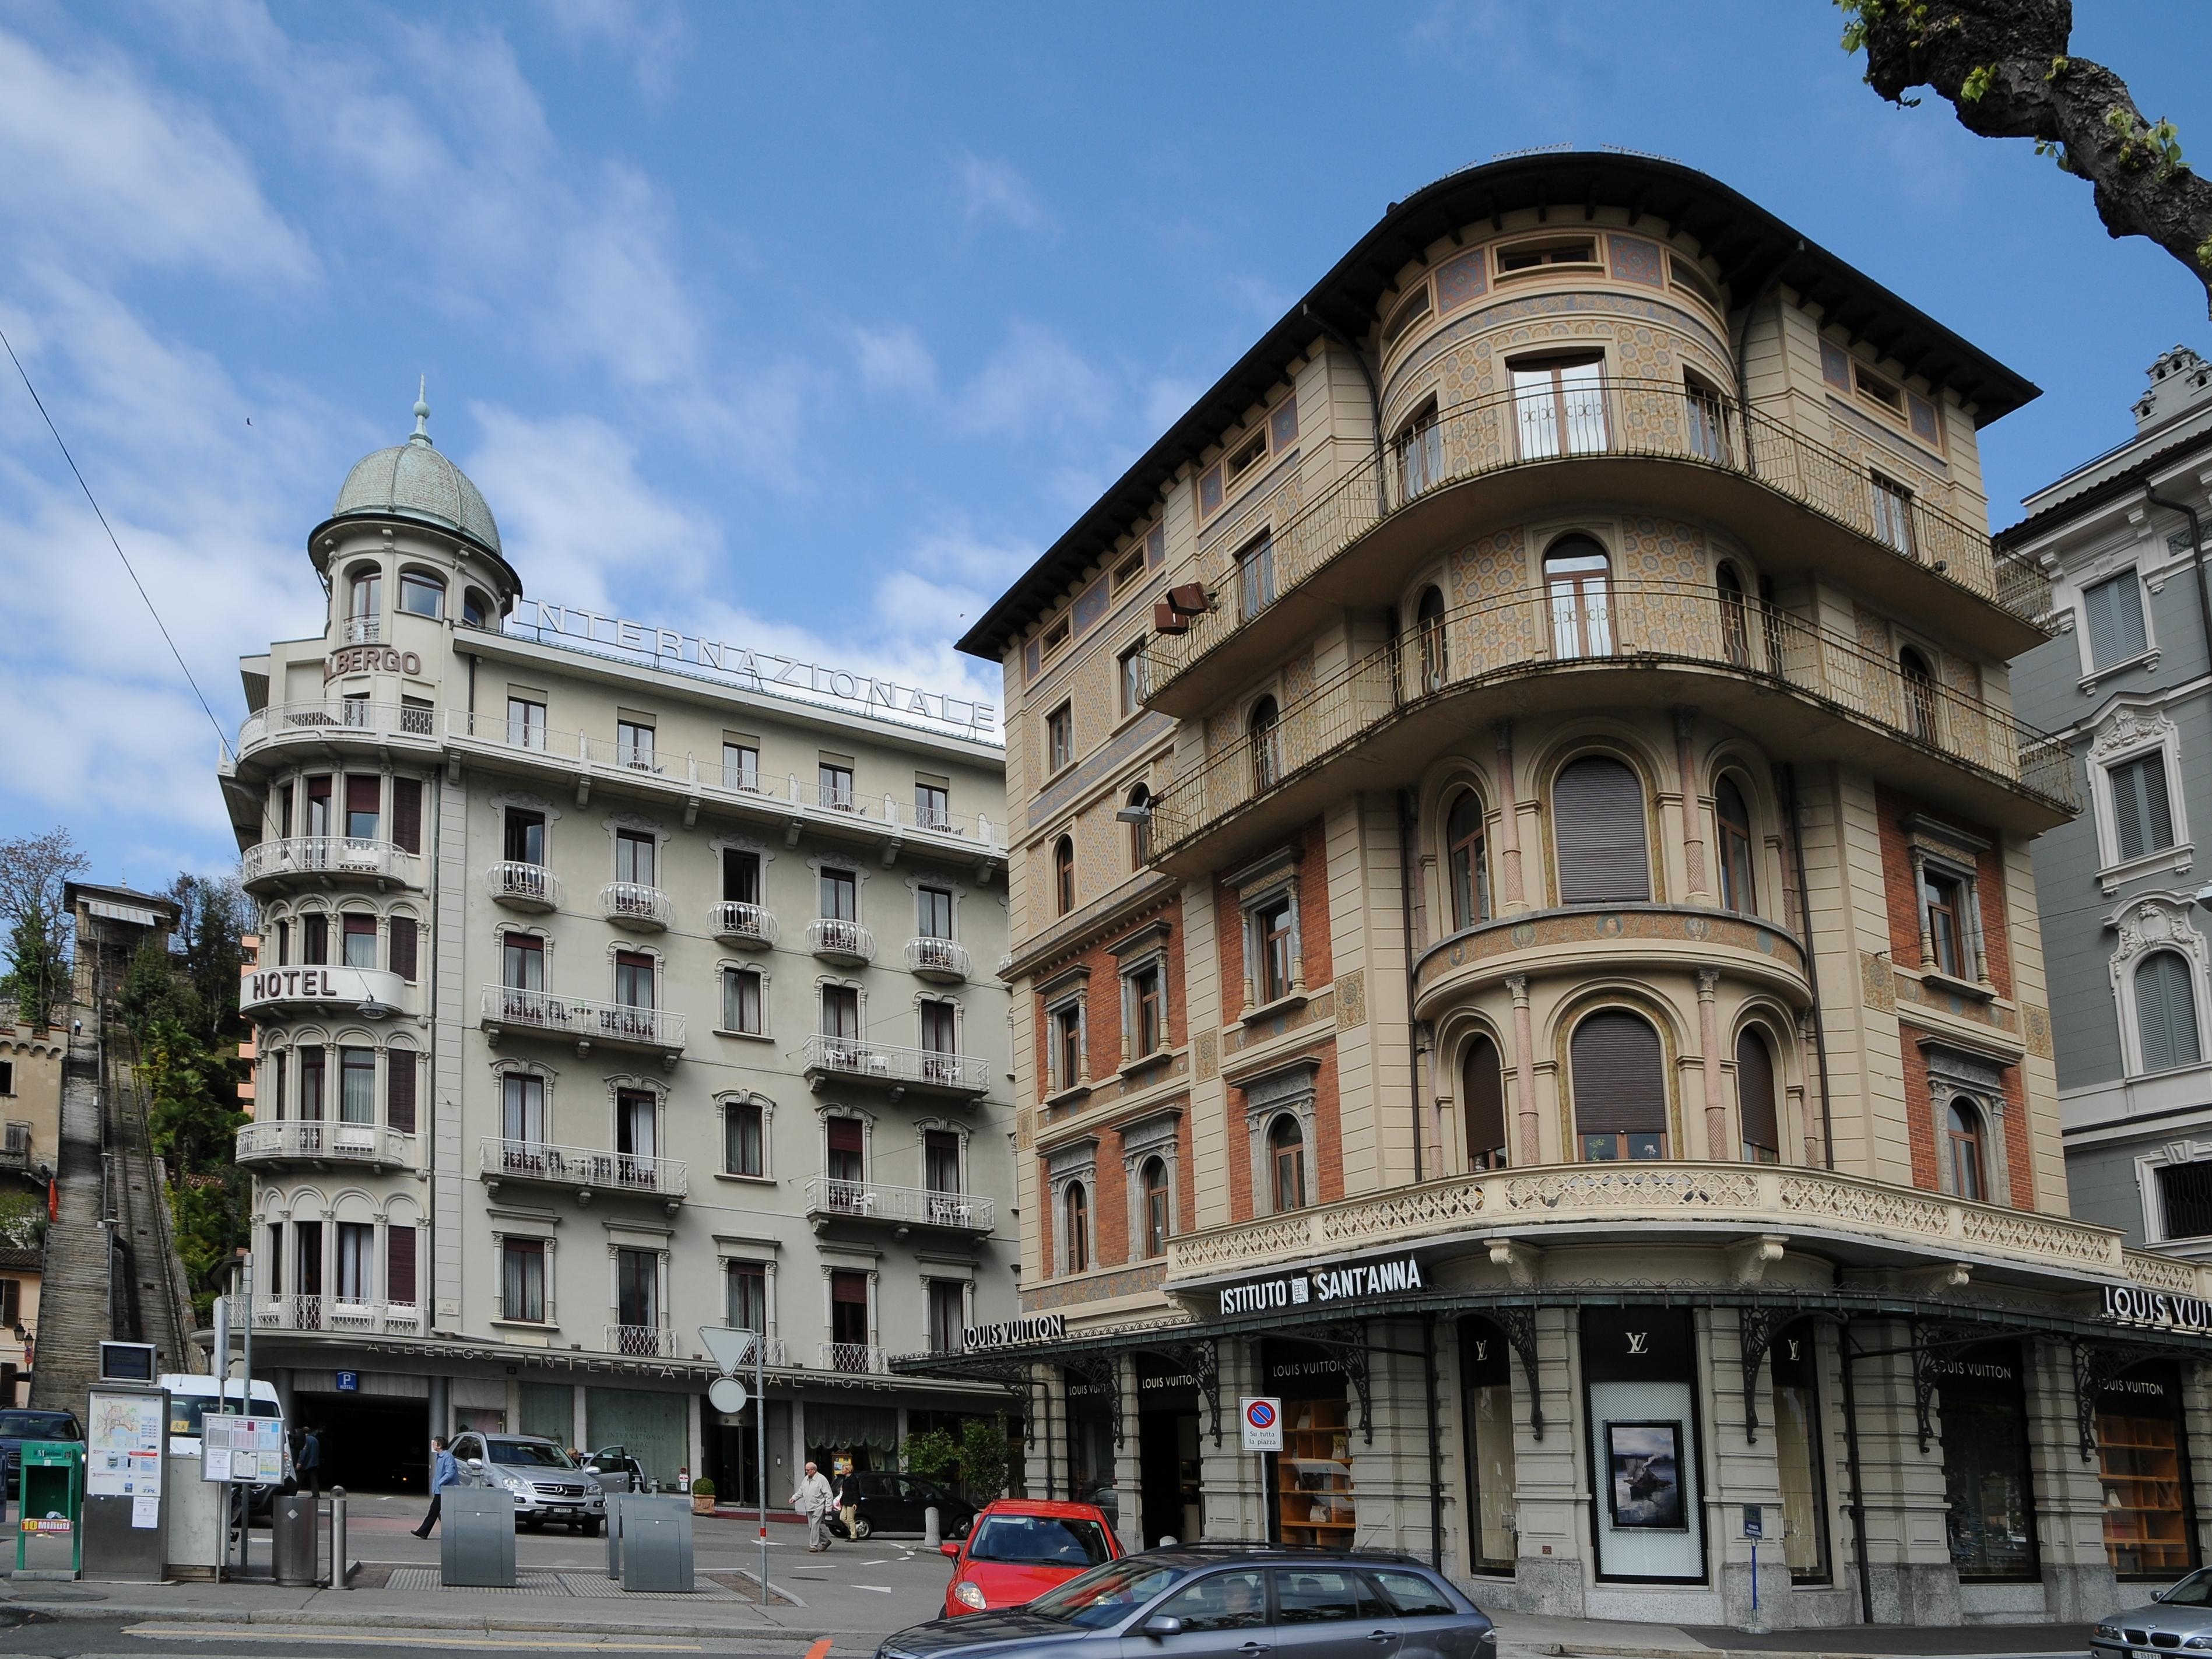 Hotel In Svizzera Con Spa